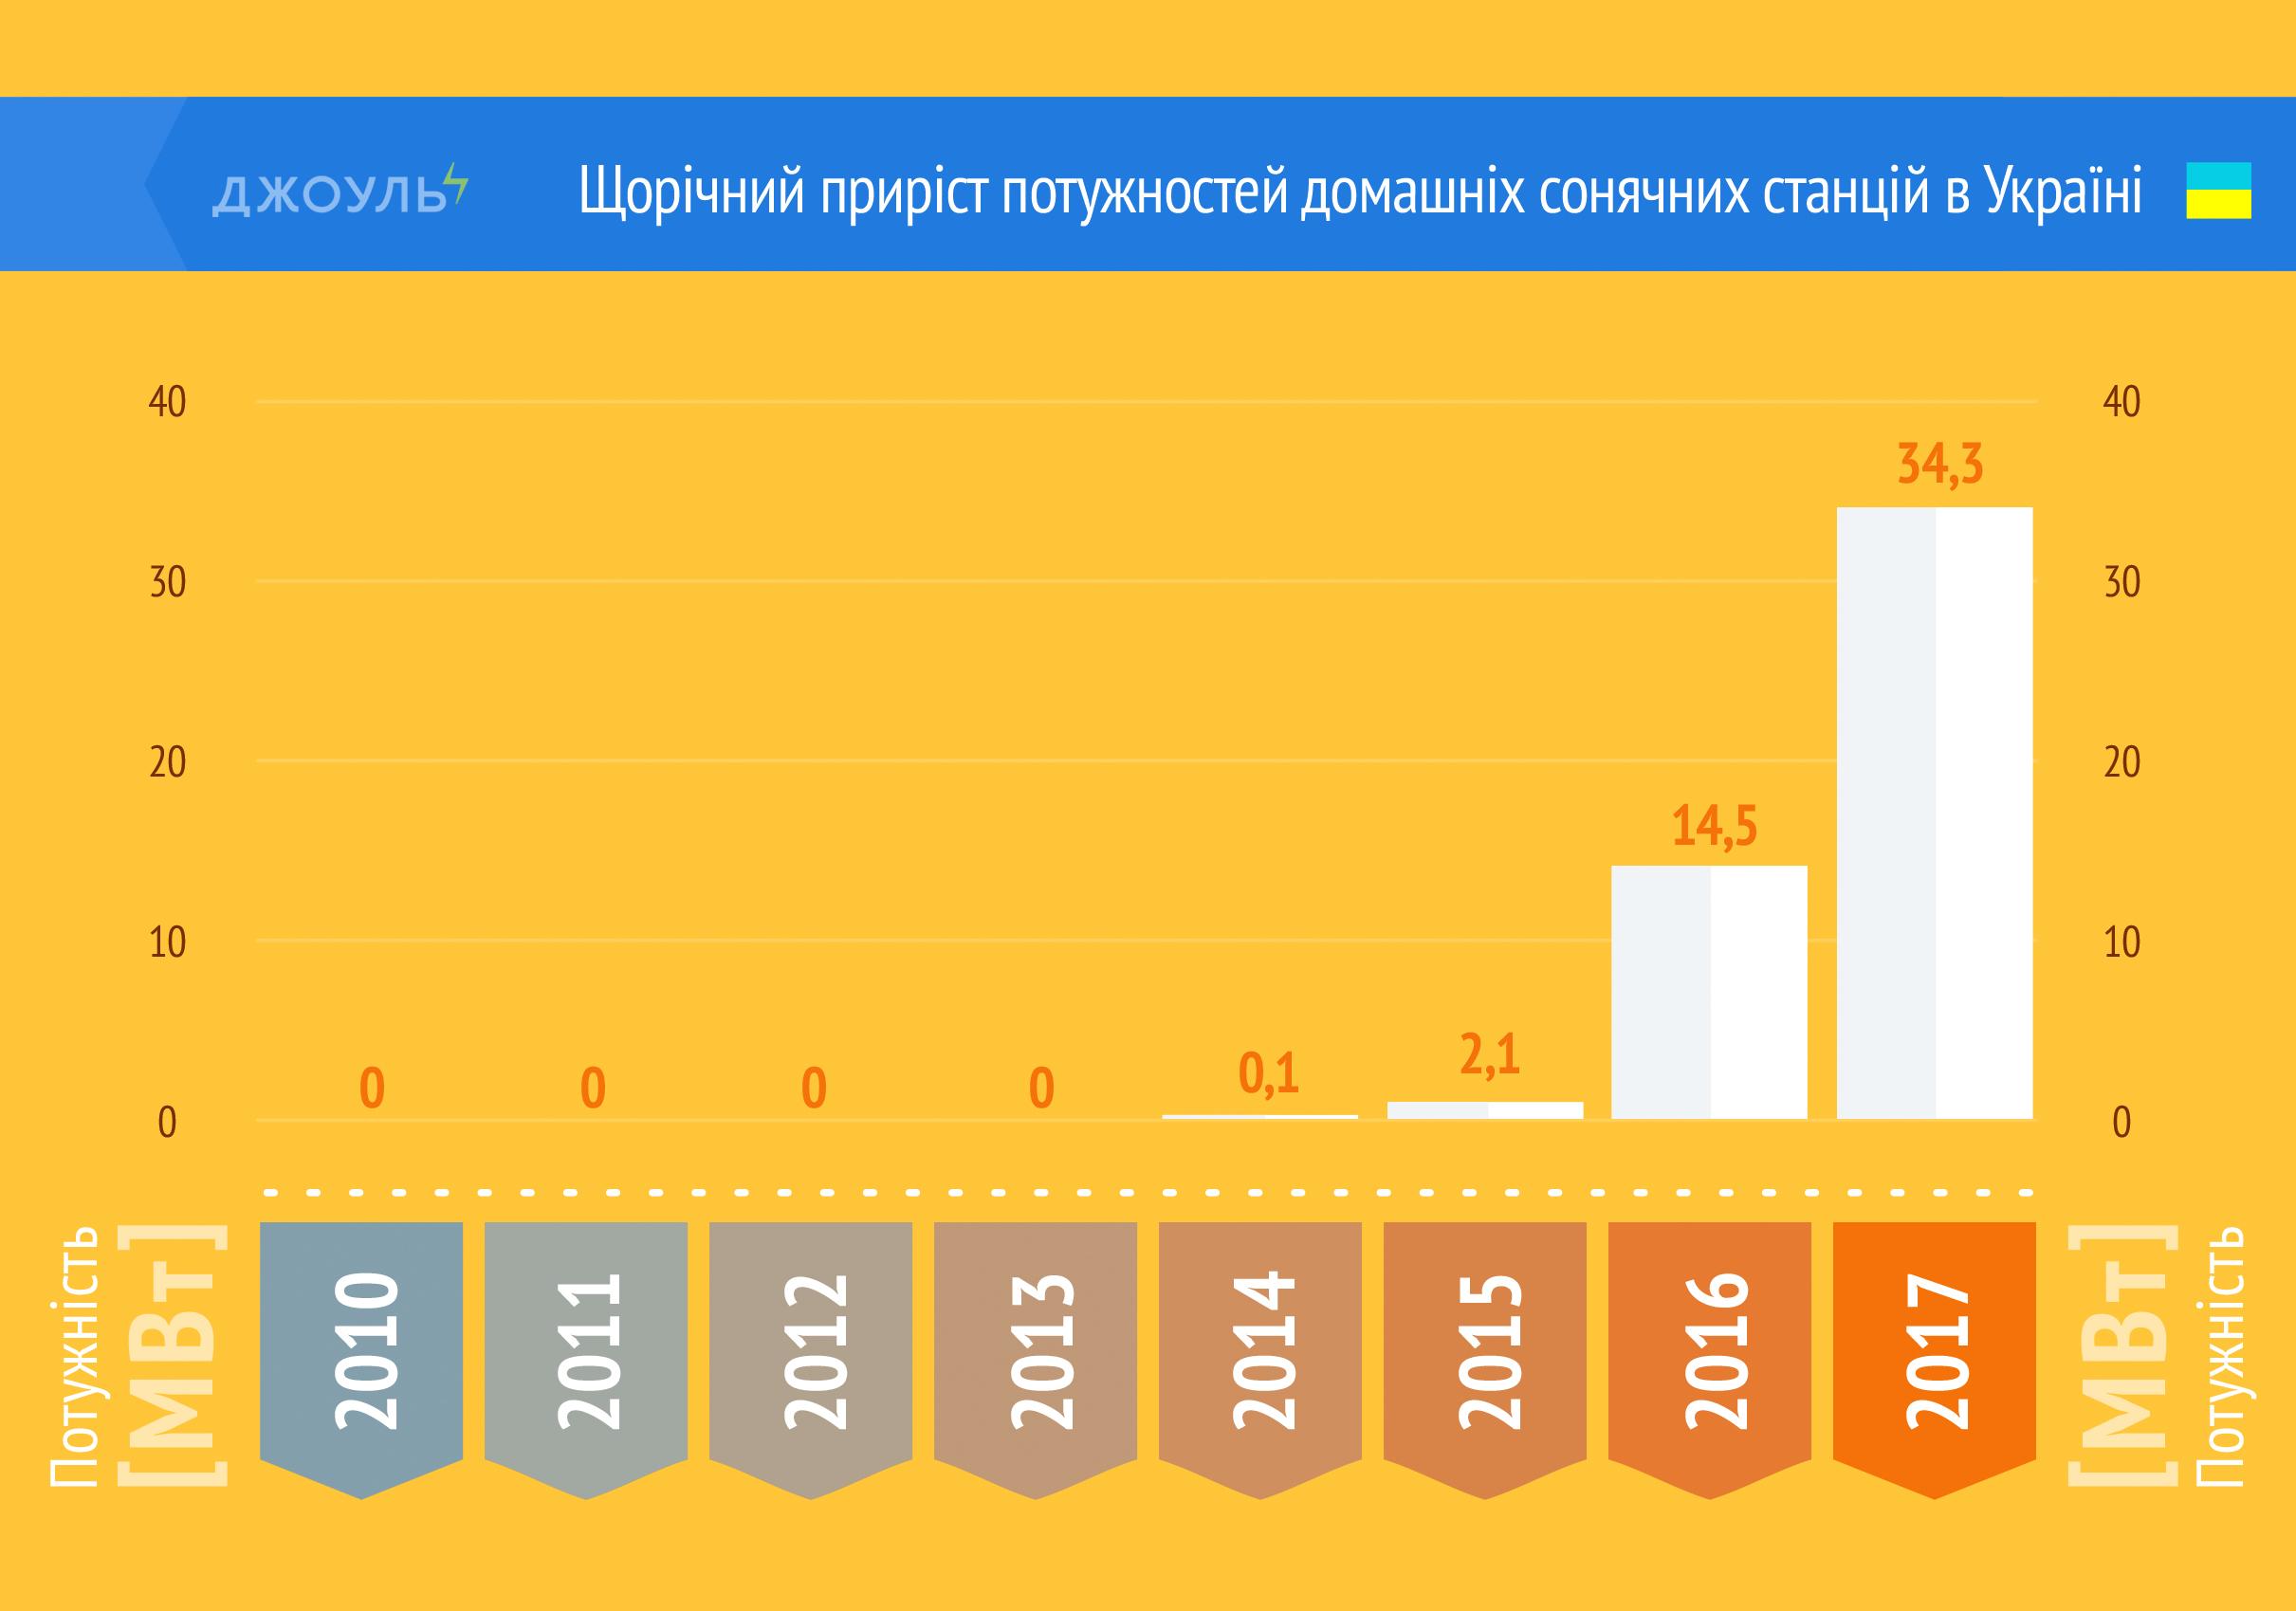 Щорічний приріст потужностей домашніх сонячних станцій в Україні